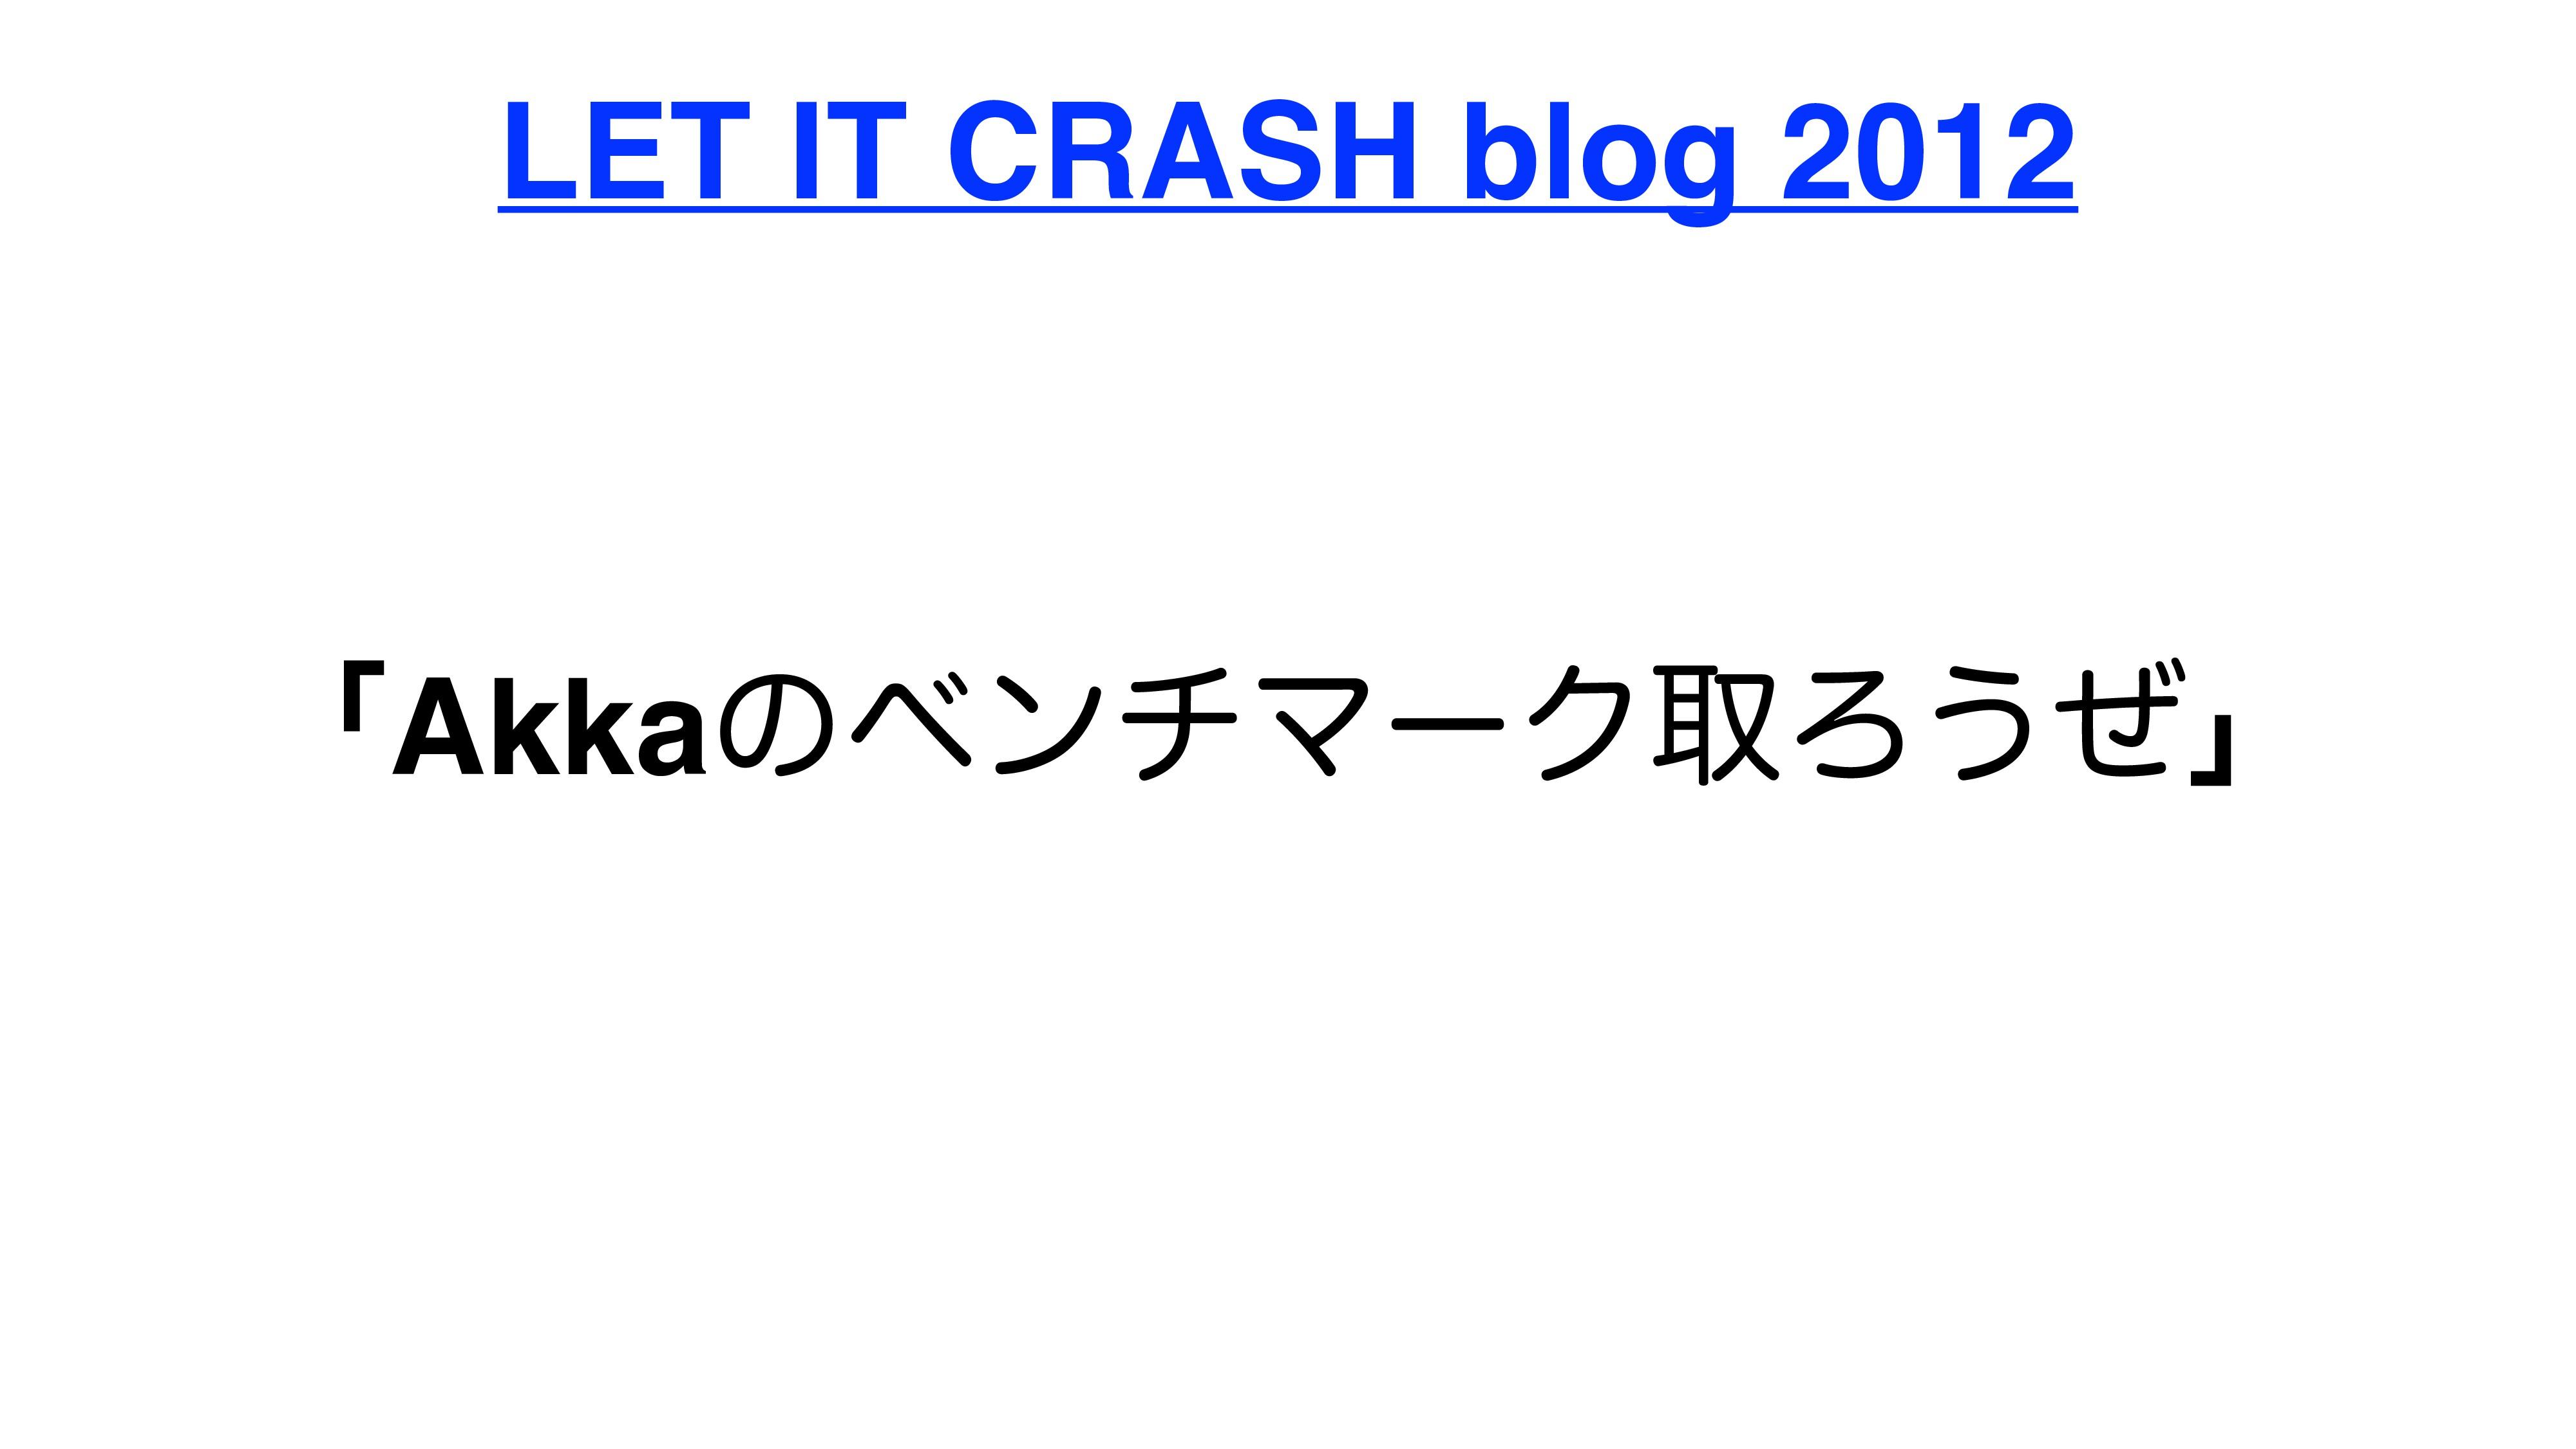 ʮAkkaͷϕϯνϚʔΫऔΖ͏ͥʯ LET IT CRASH blog 2012